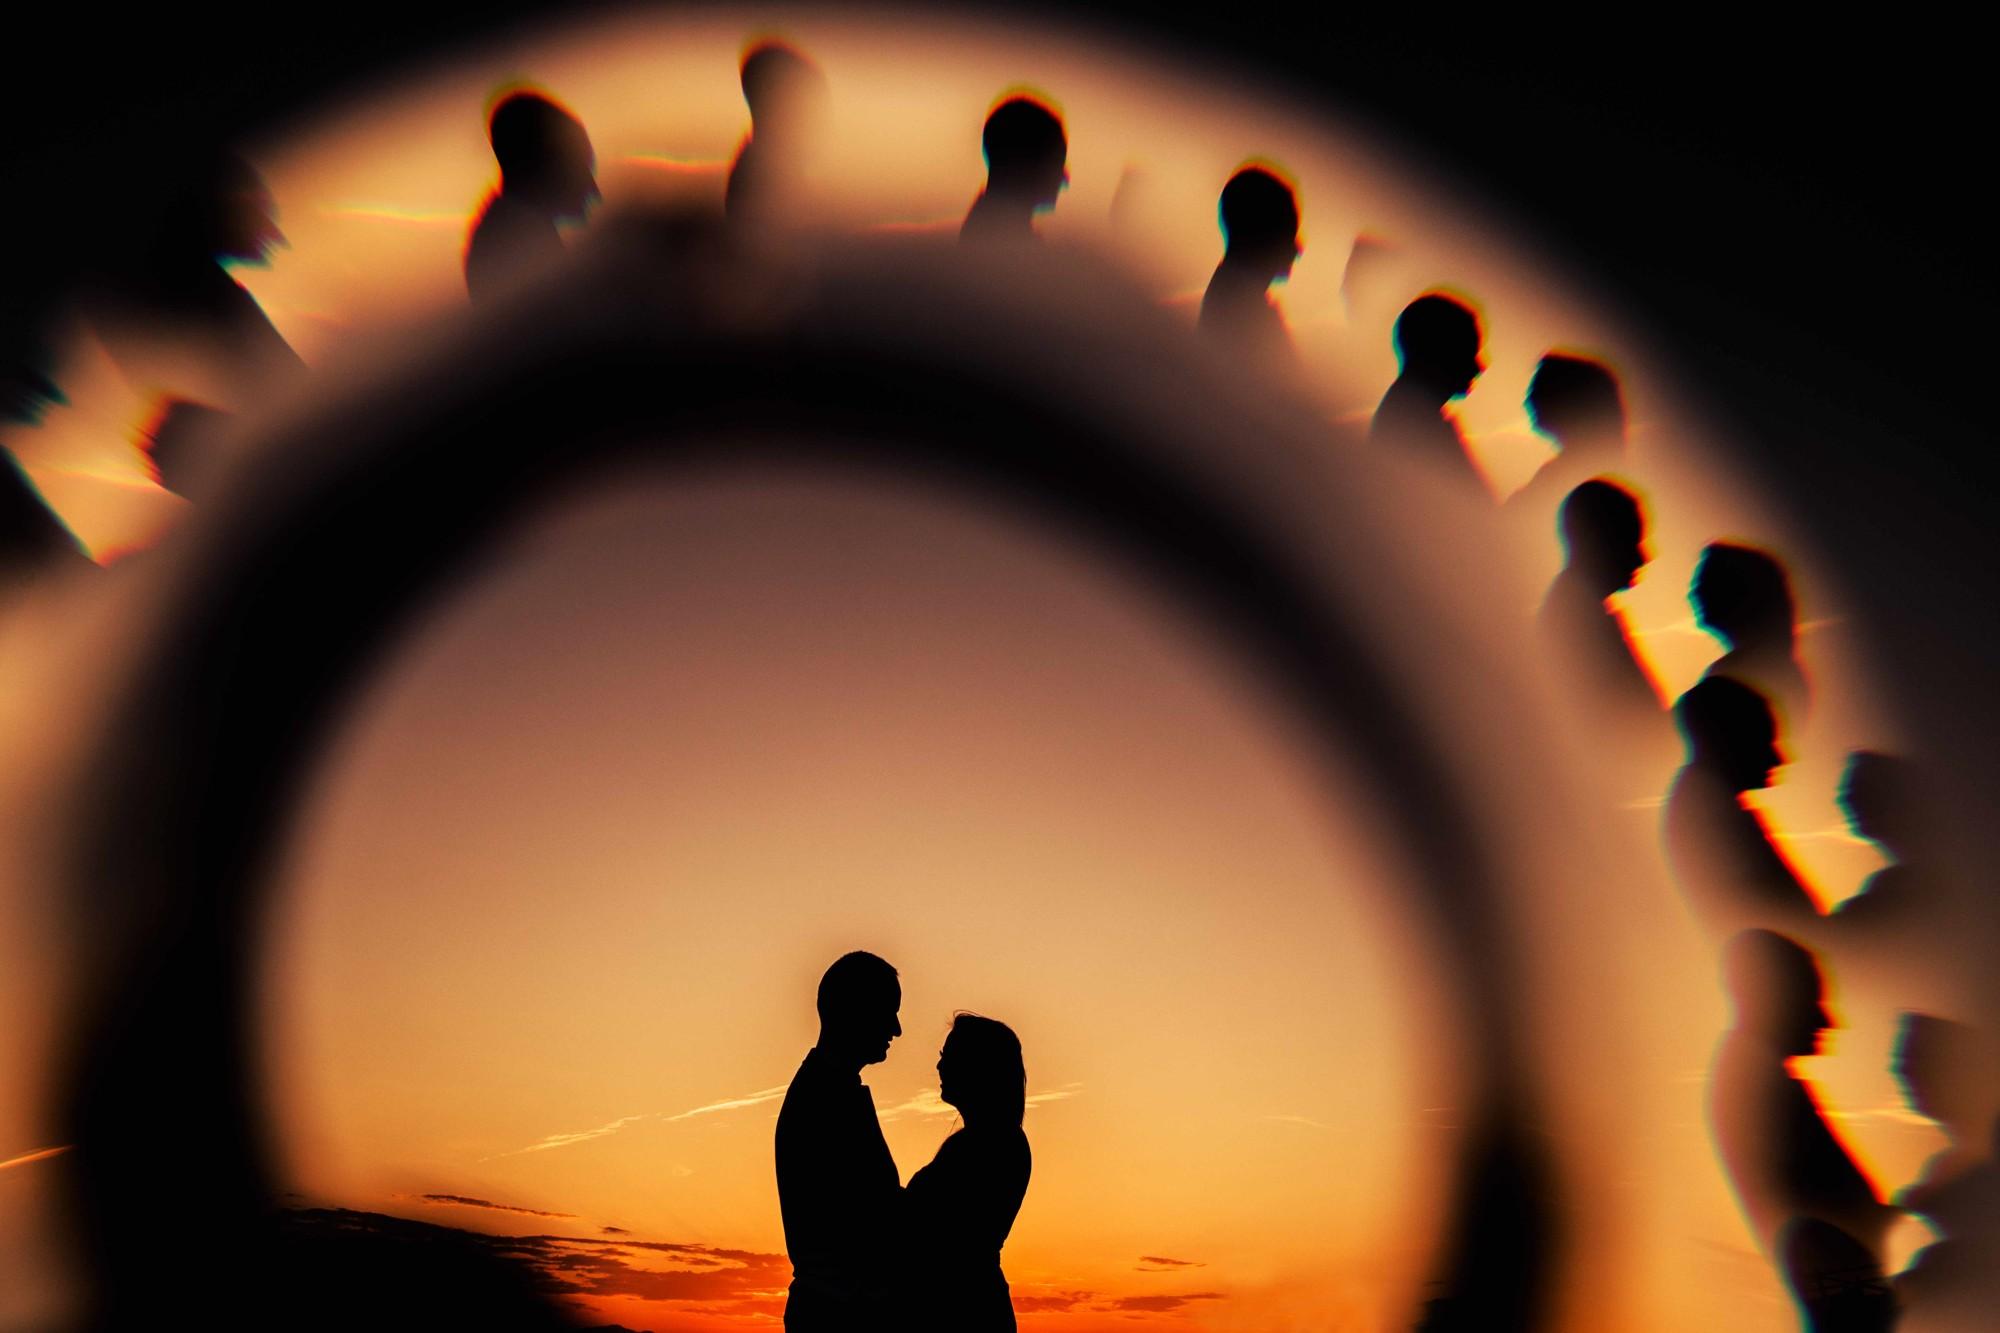 fotografos-boda-Marbella-Malaga-3w8